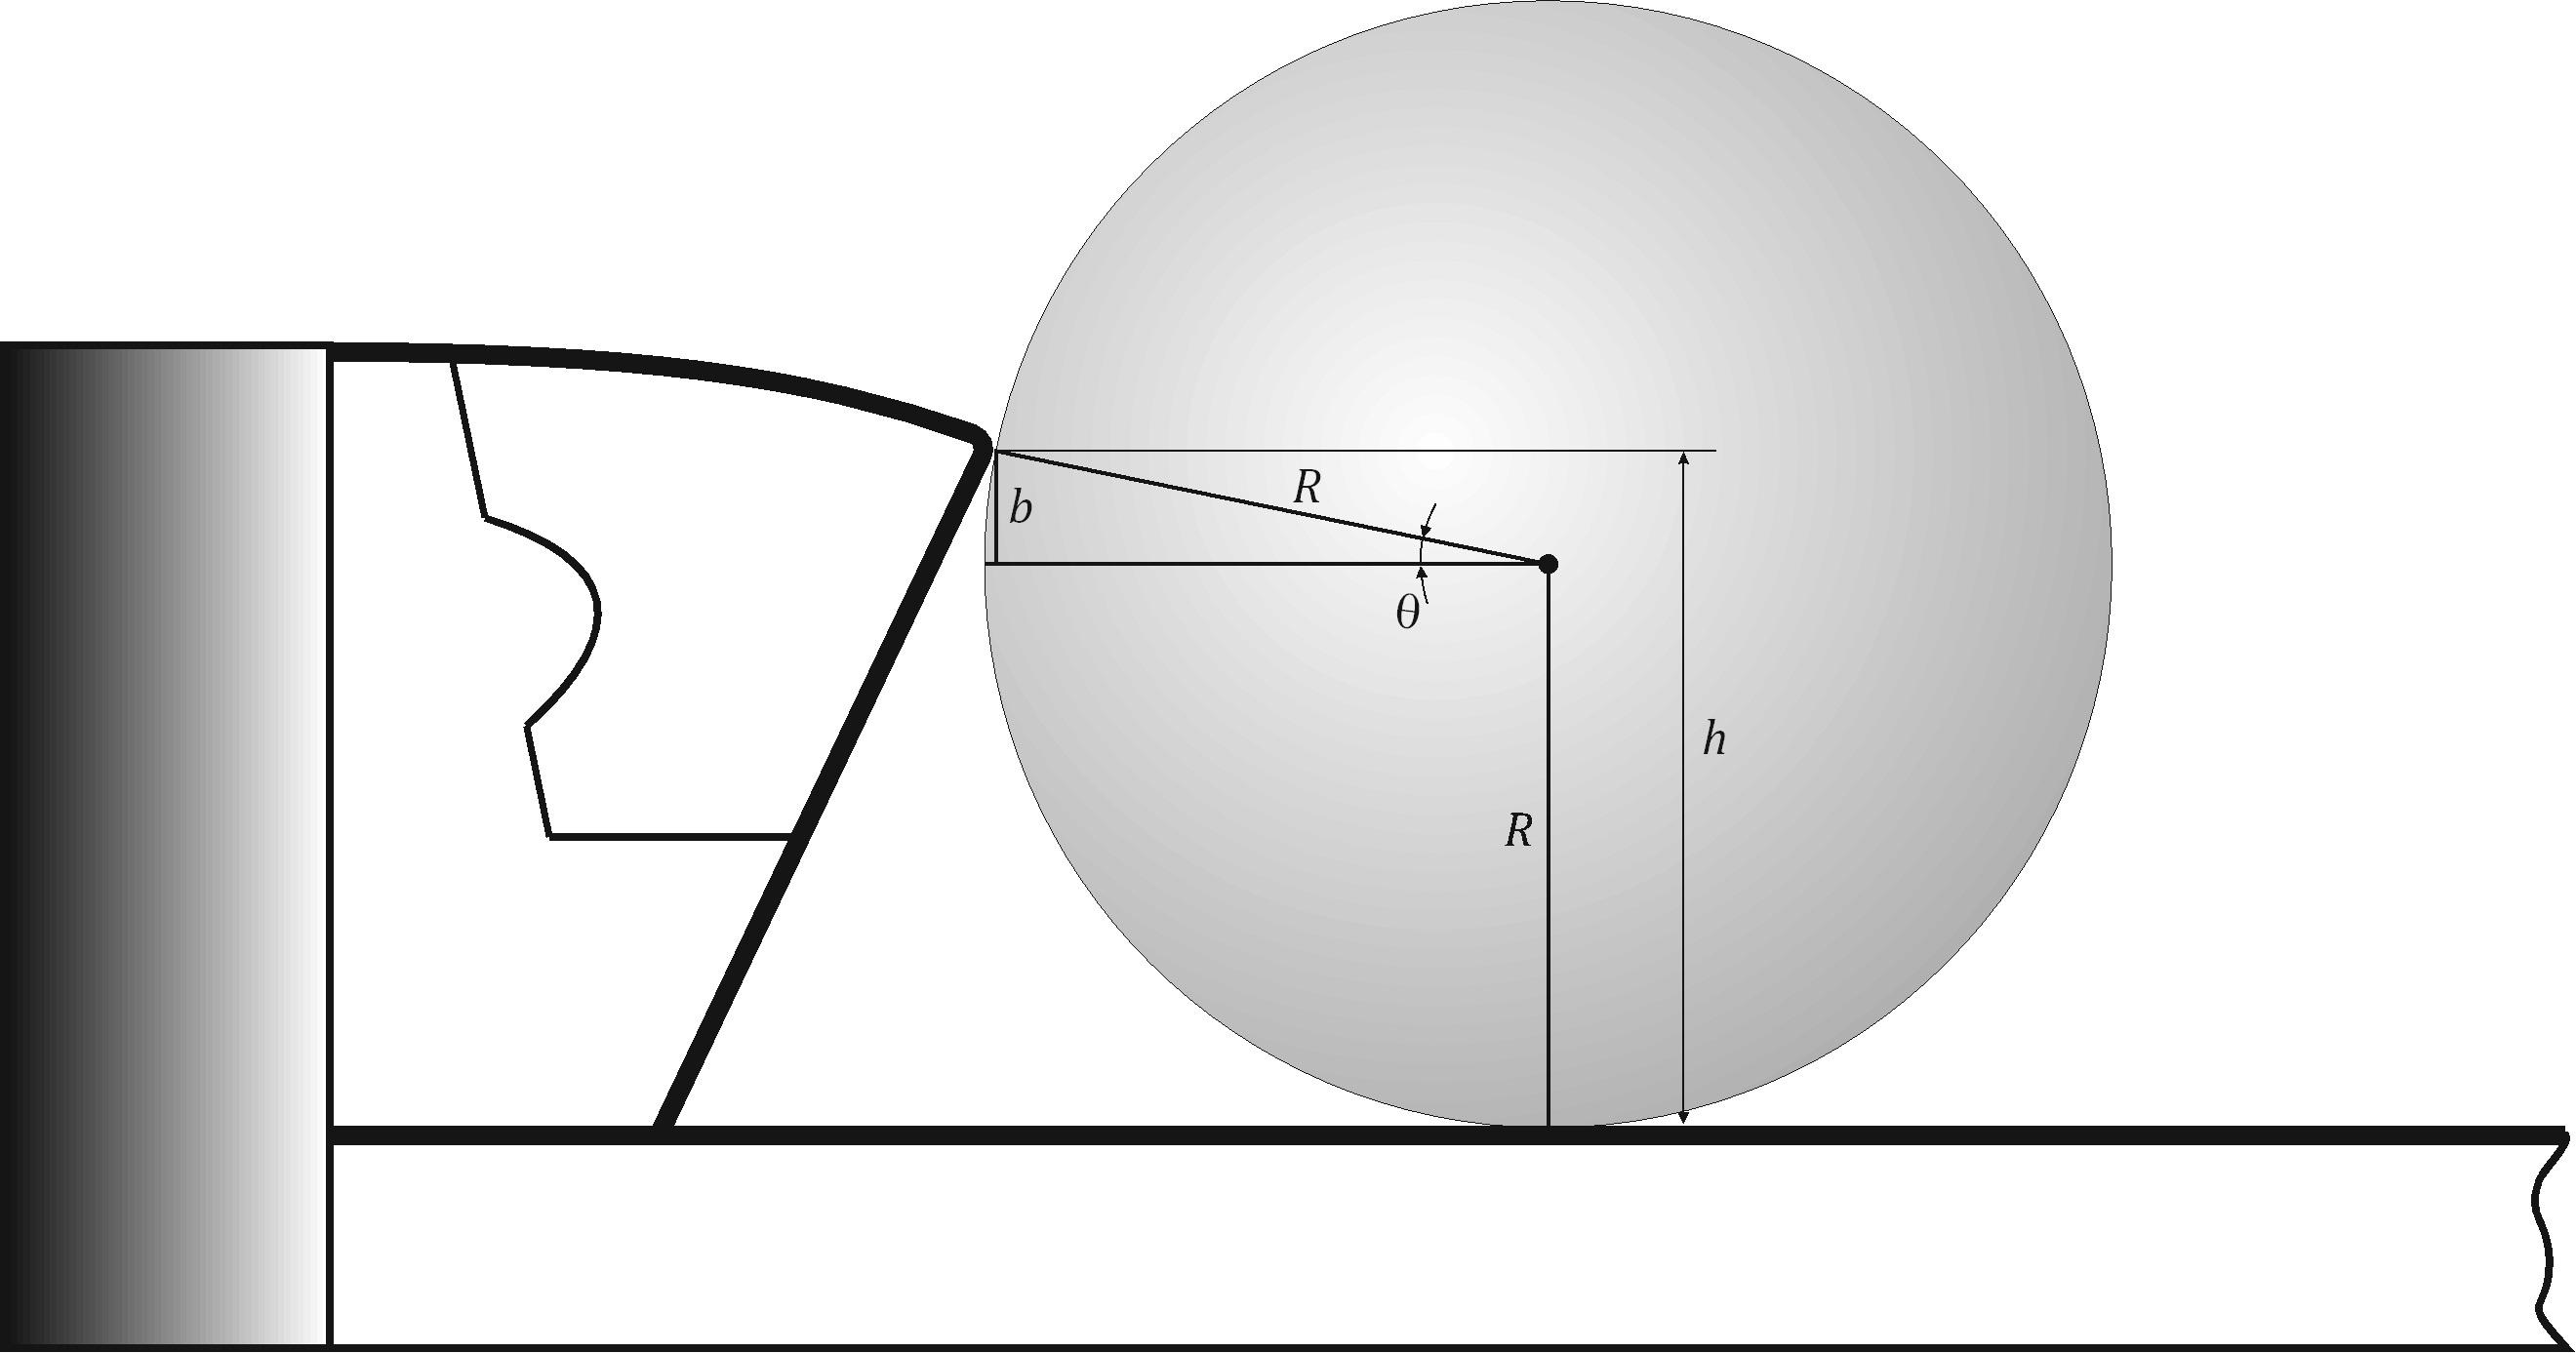 Бильярдный стол своими руками чертежи размеры фото из